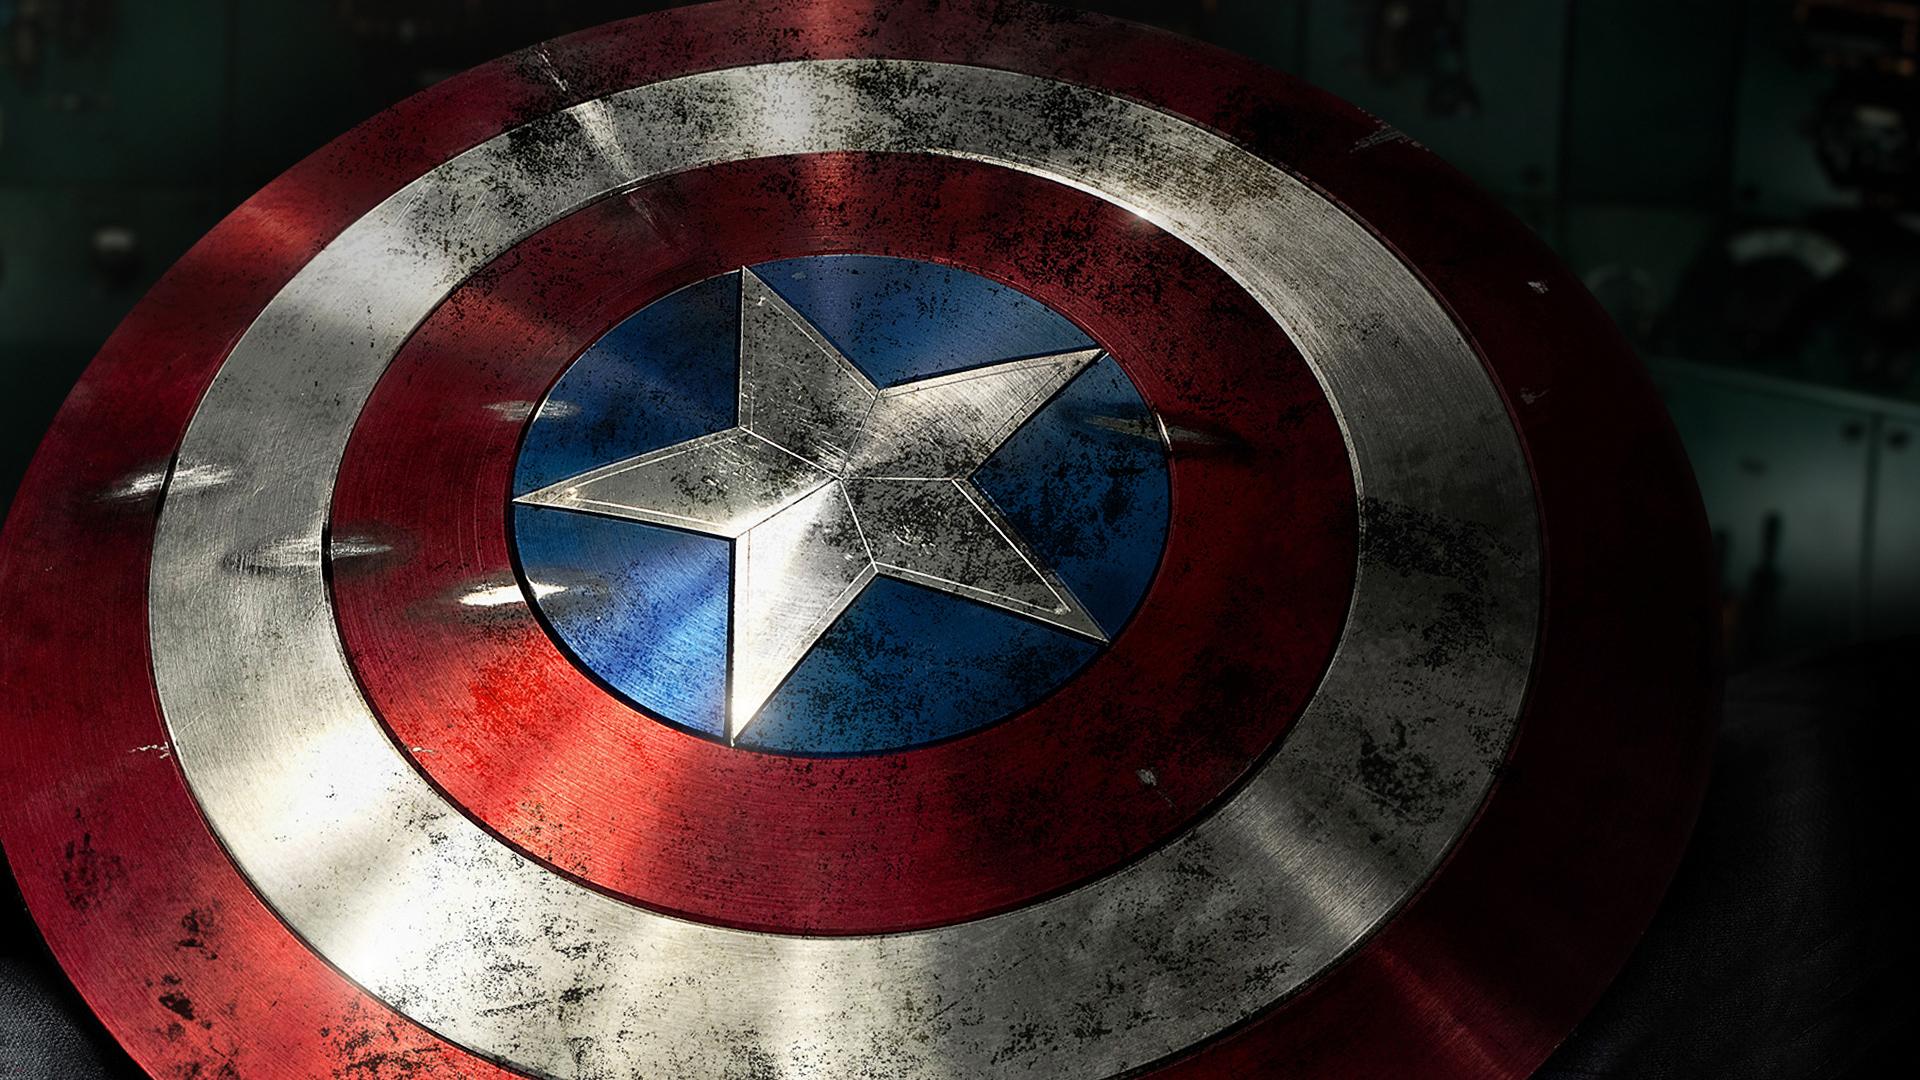 Captain America Shield Wallpaper HD 1920x1080